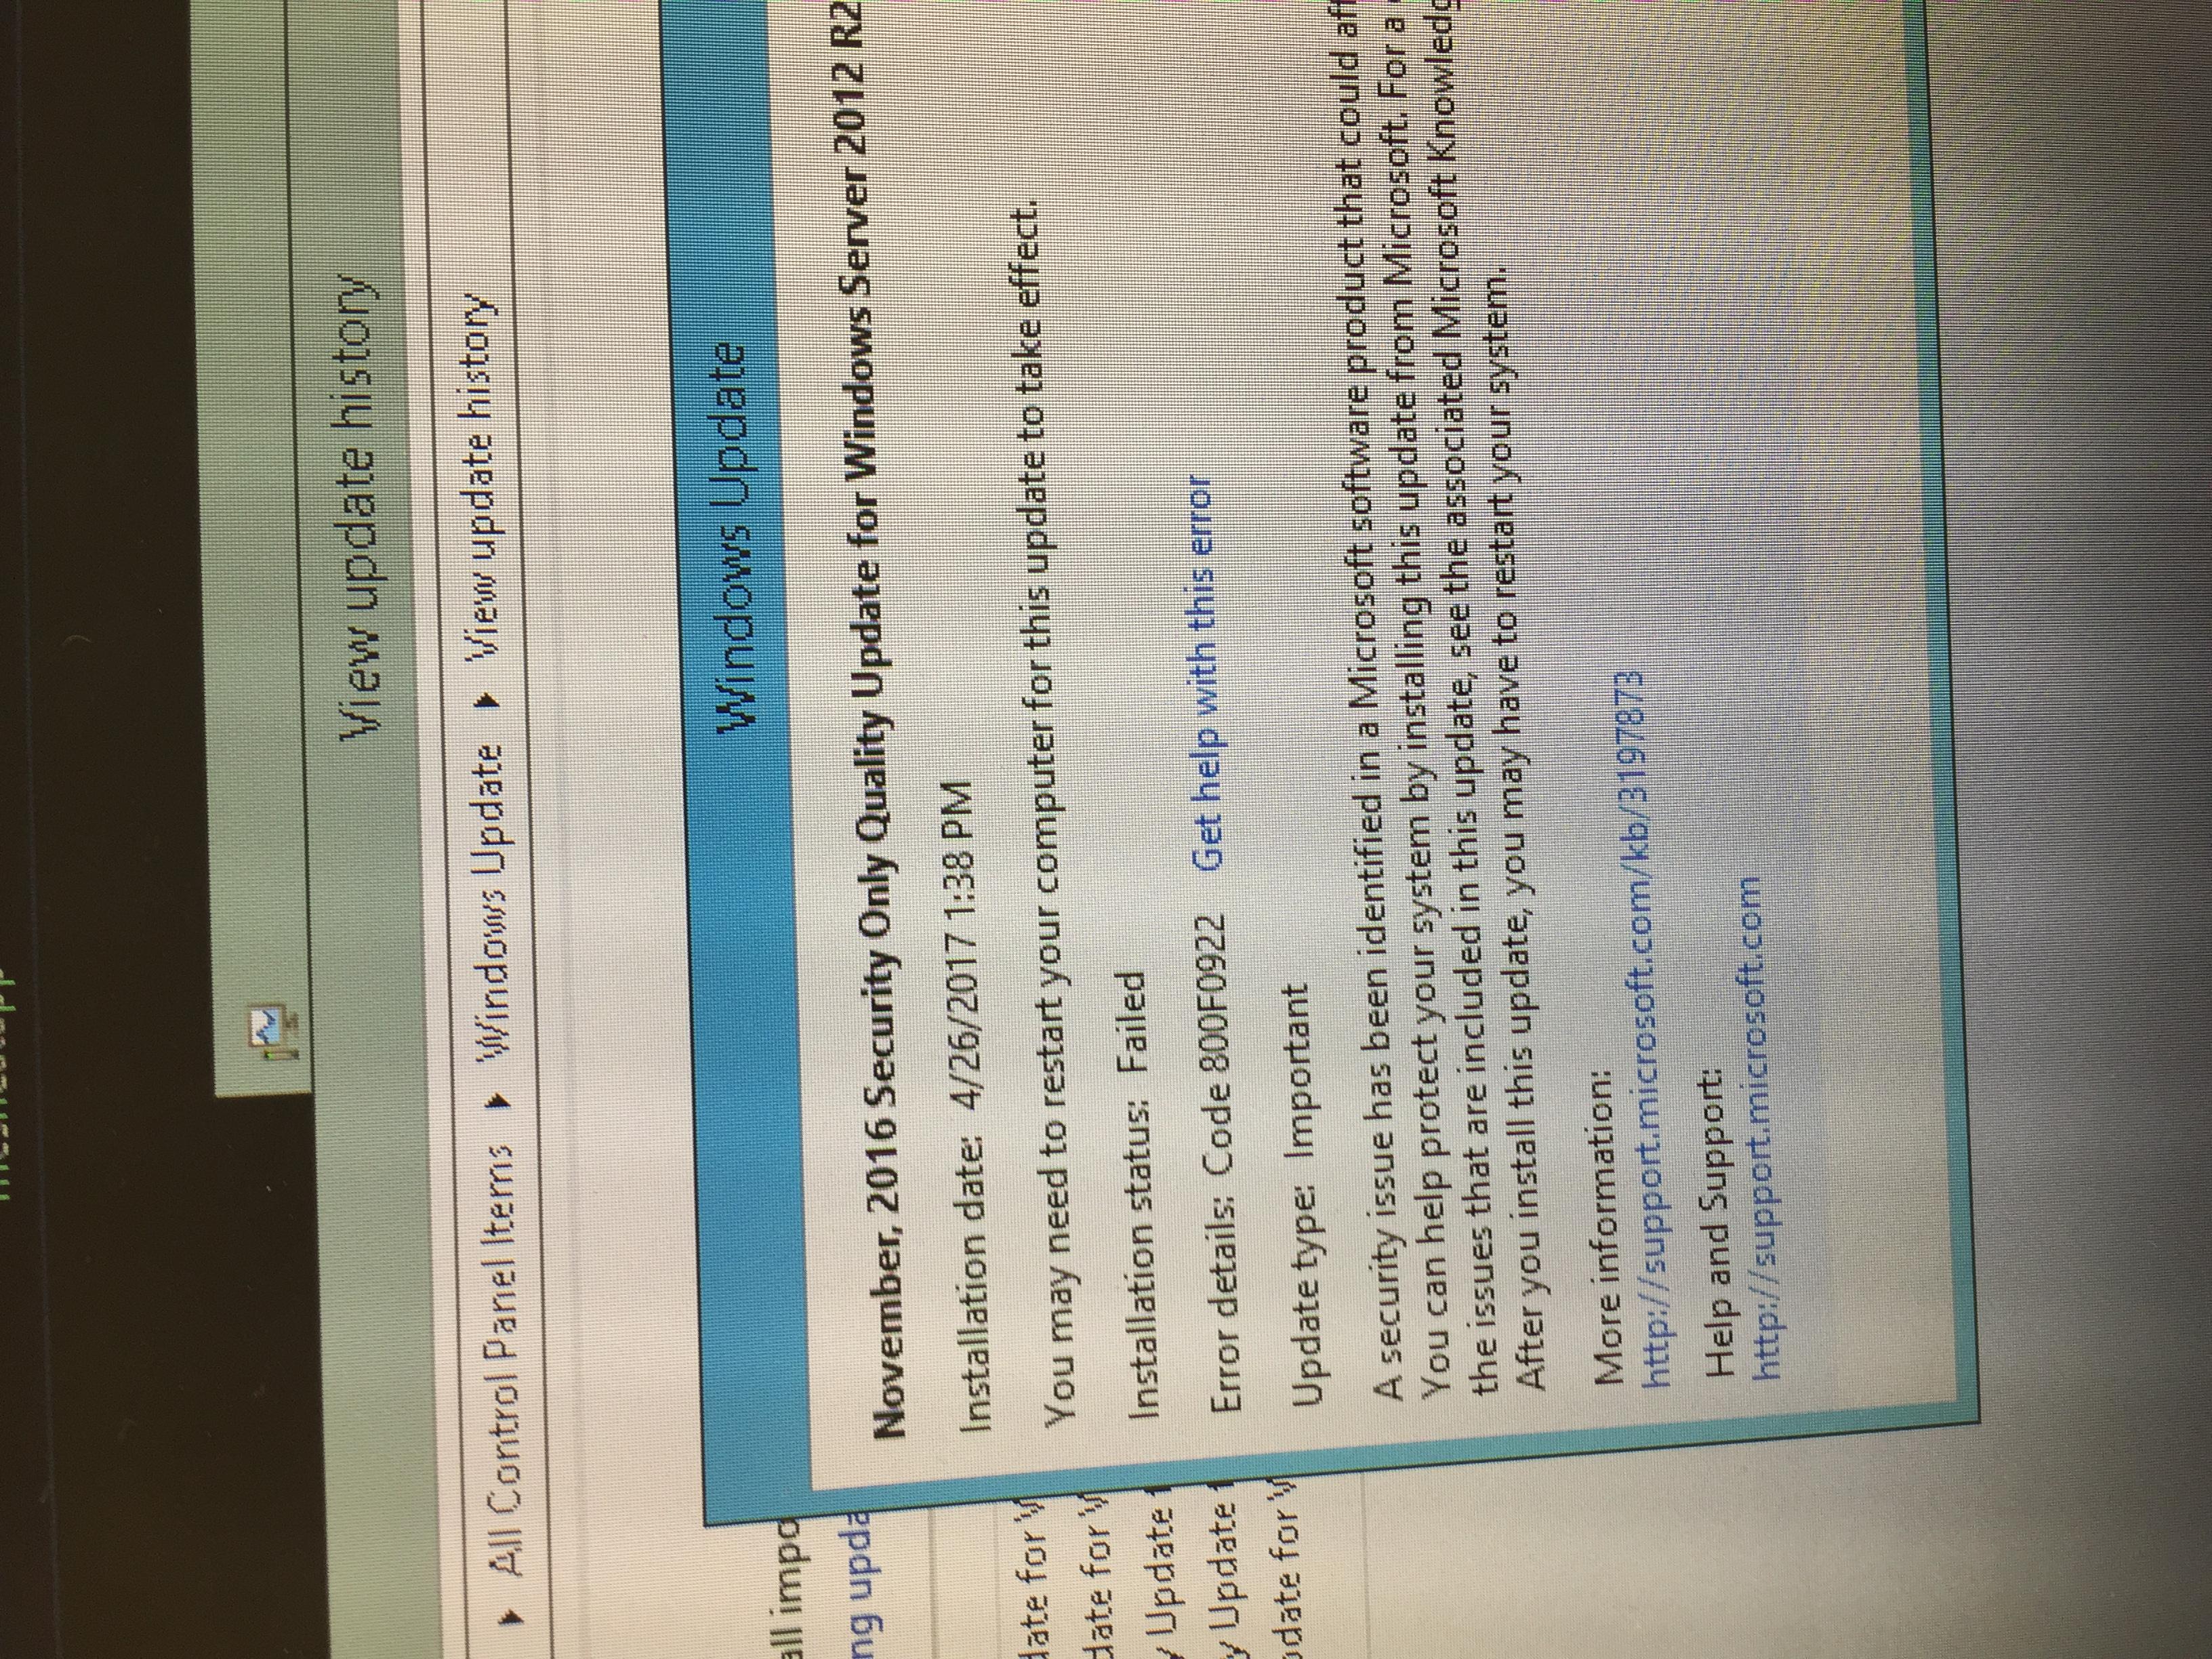 Windows updates keep failing on windows server 2012 r2